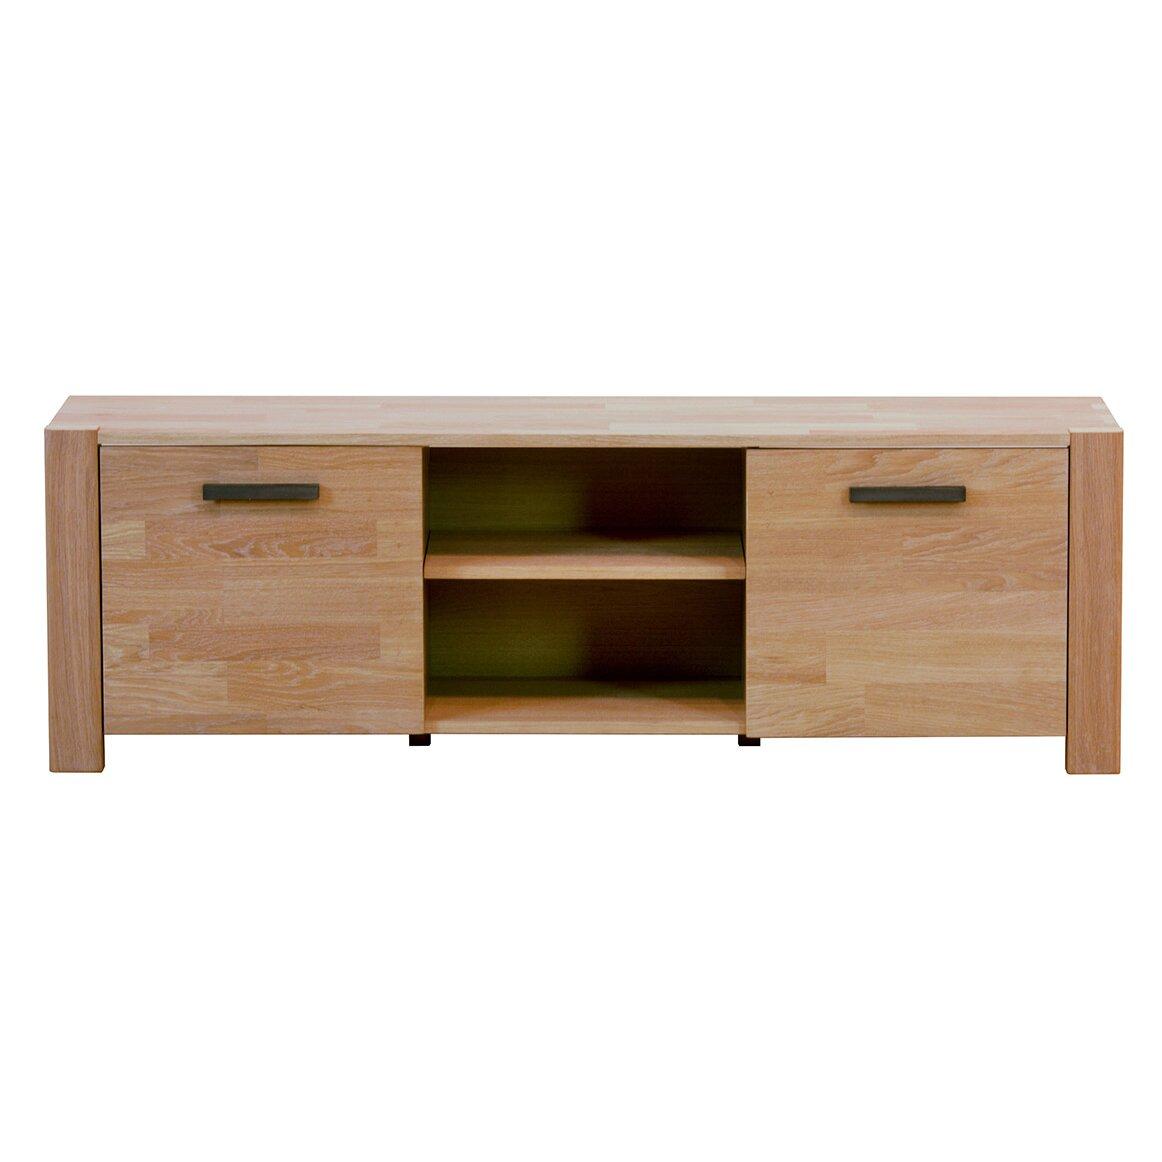 parisot nordi tv stand wayfair. Black Bedroom Furniture Sets. Home Design Ideas